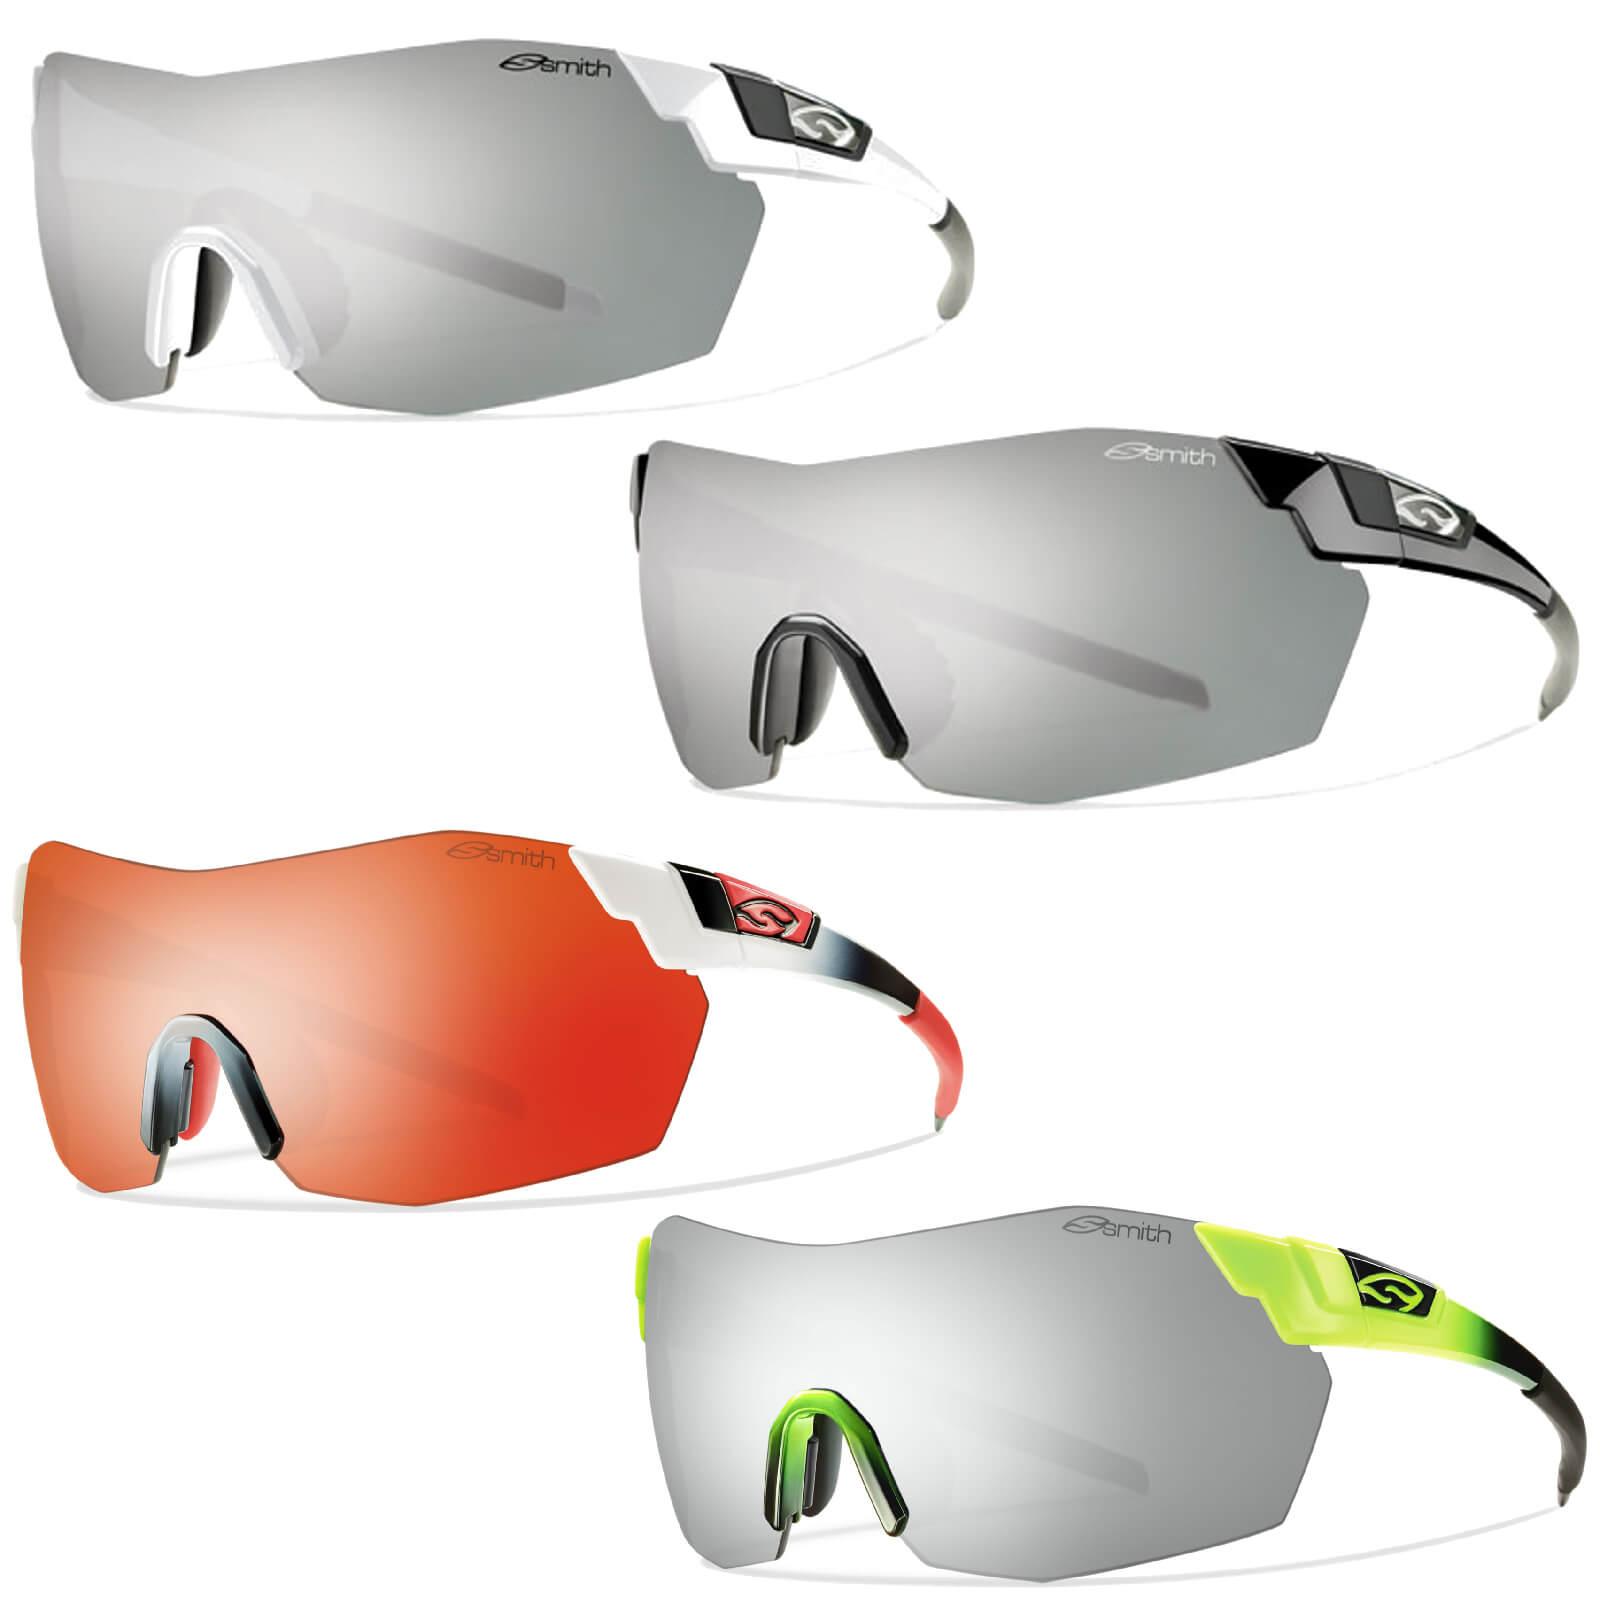 f31a6ae5a3 Smith PivLock V2 Max Sunglasses